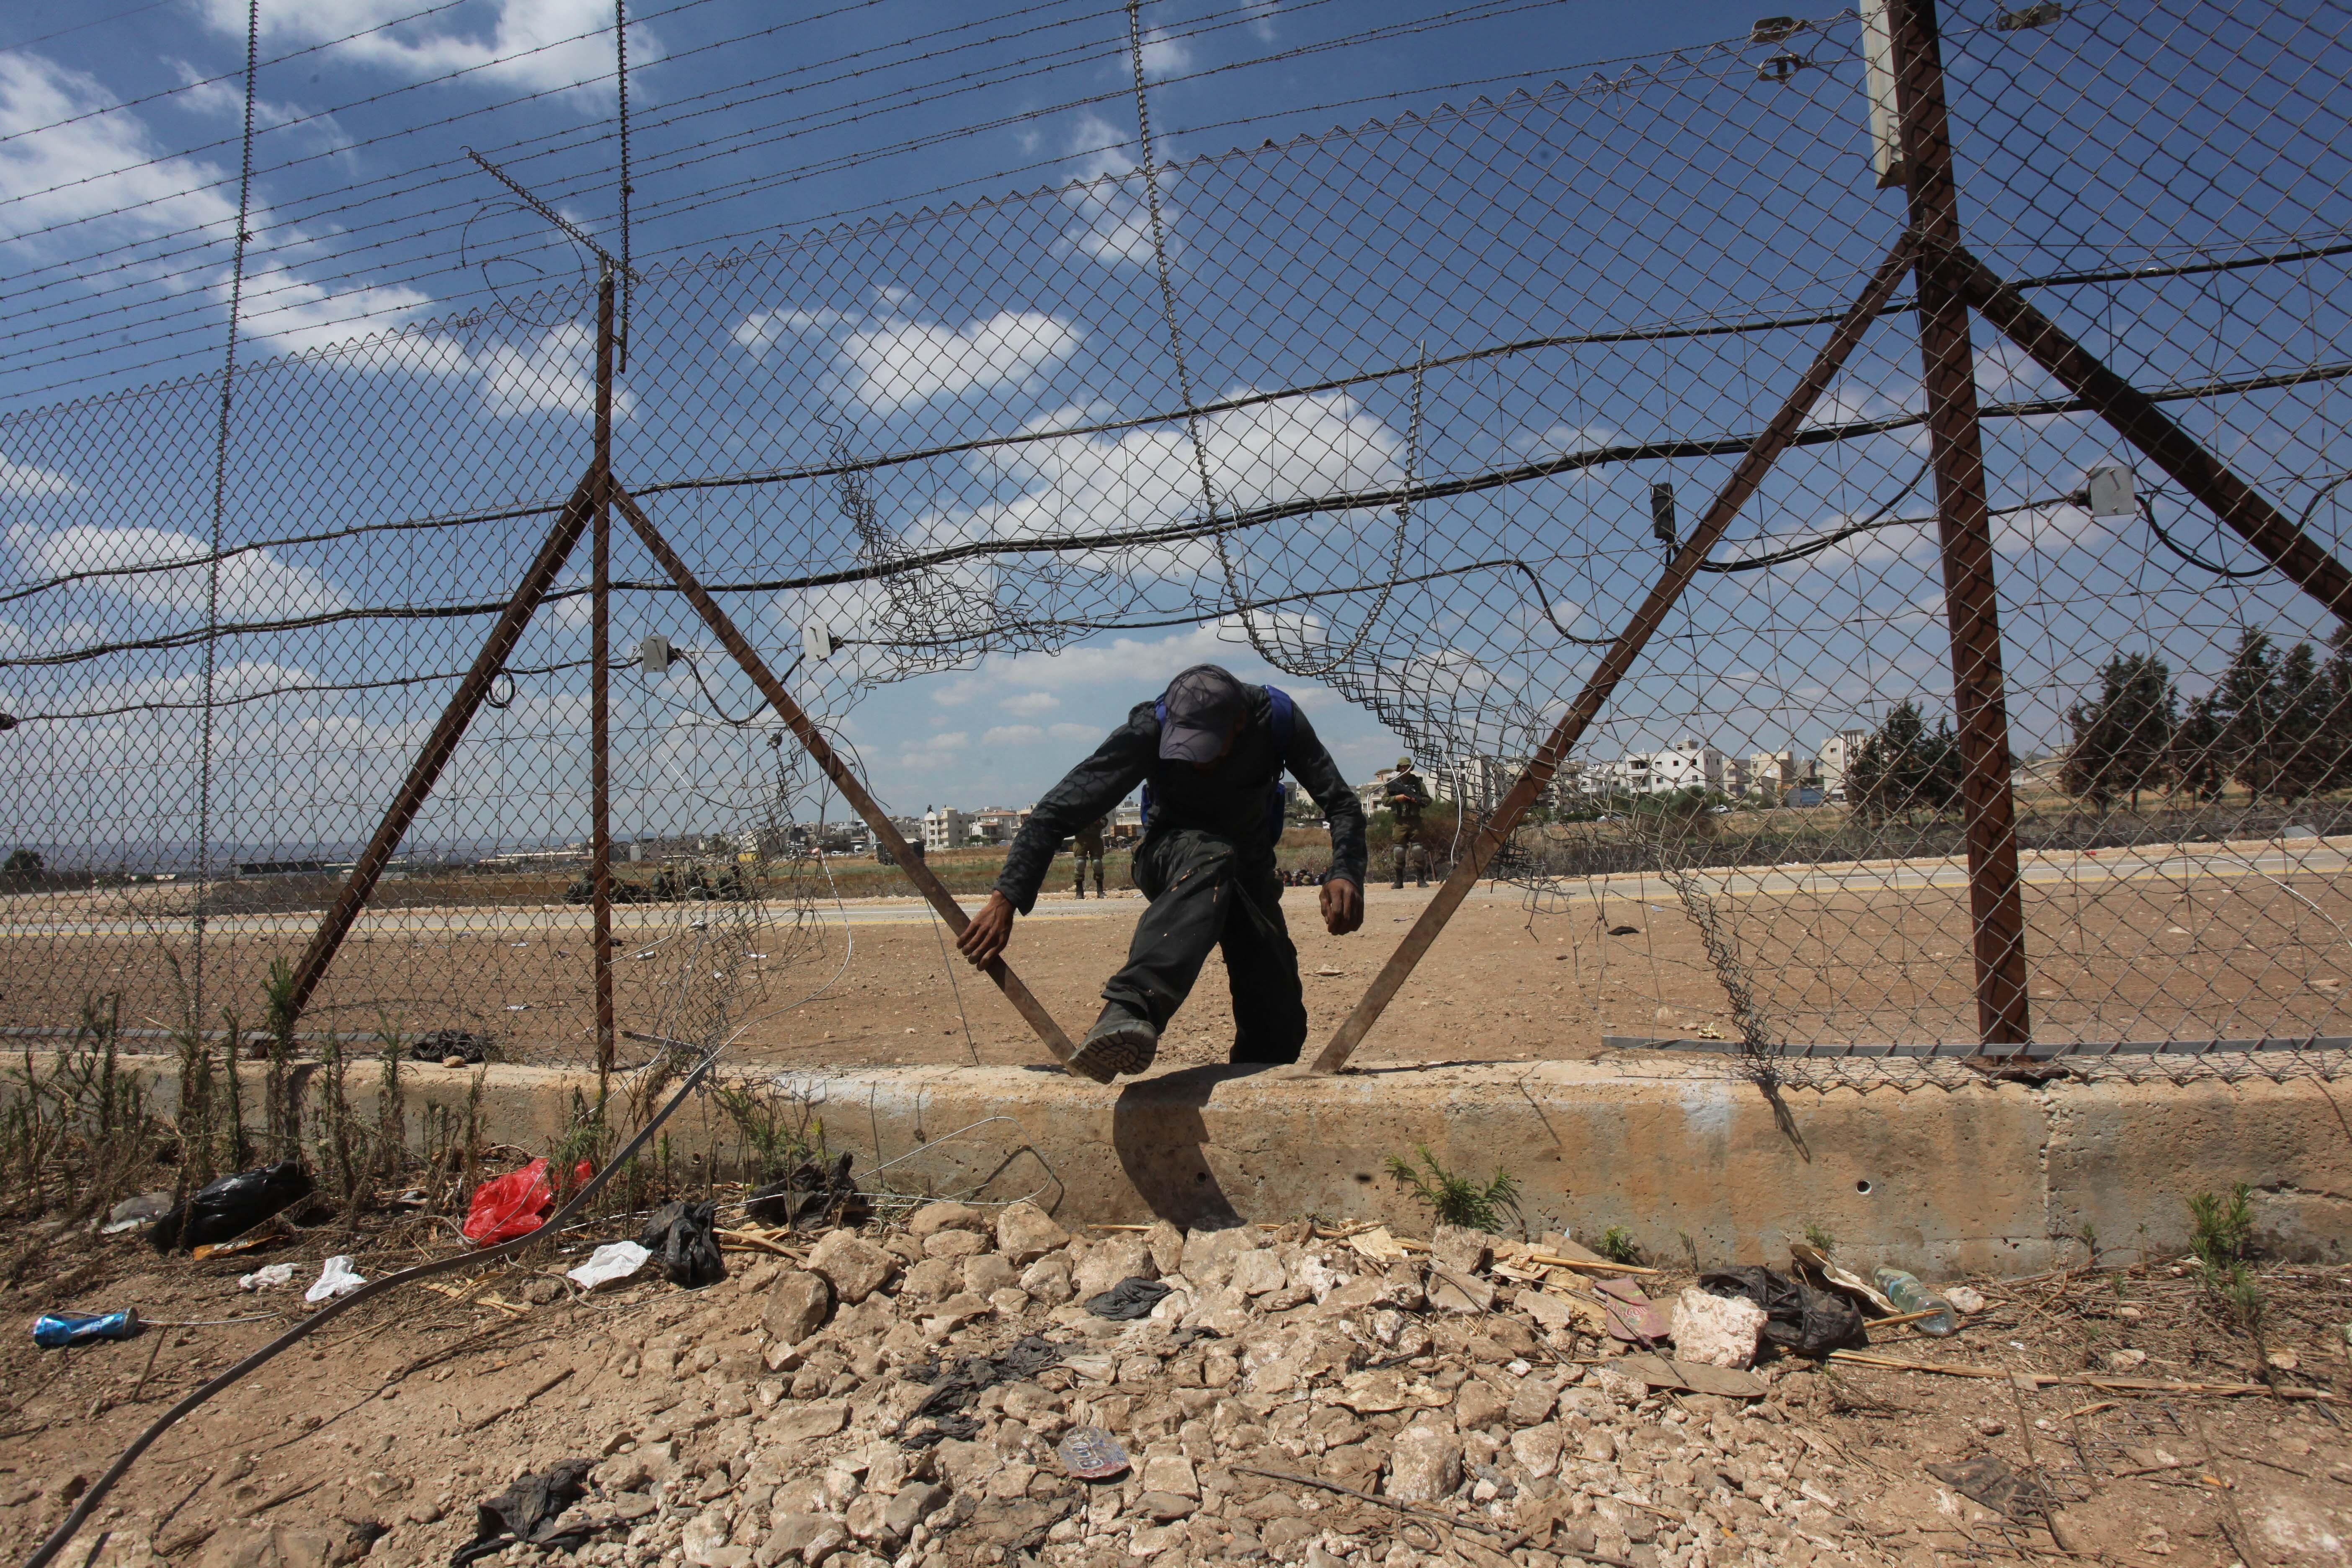 Az ügyeletes őr aludt, amikor megszökött hat veszélyes fogoly az izraeli Gilboa szigorúan őrzött börtönből